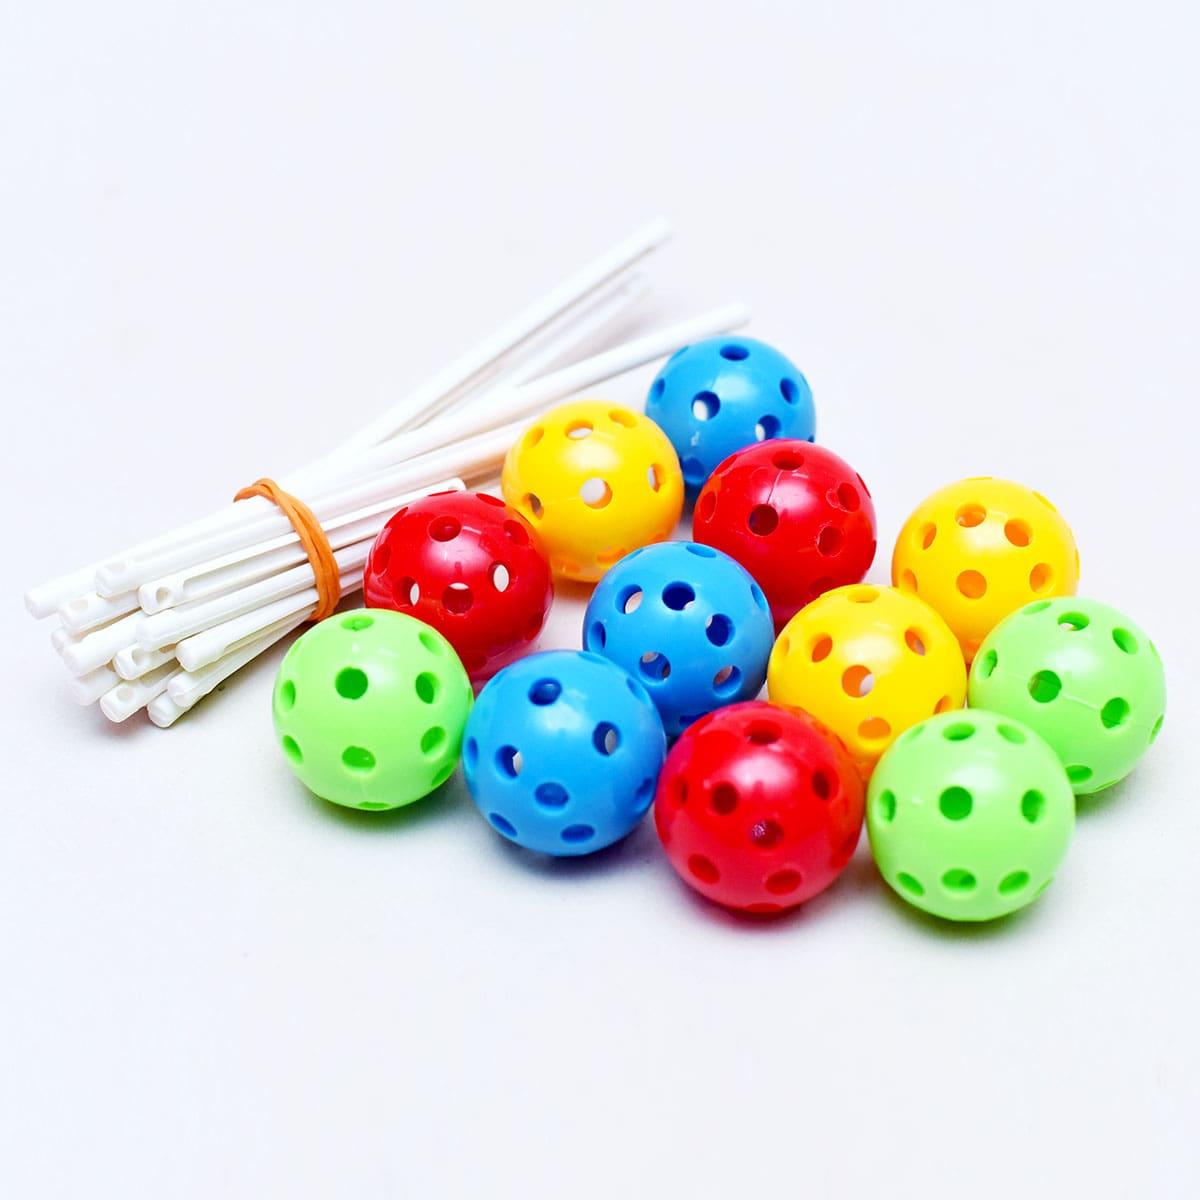 STEM Kit Experiment For Kids At Home – Kit #10 : Magic Beads Kit (1)